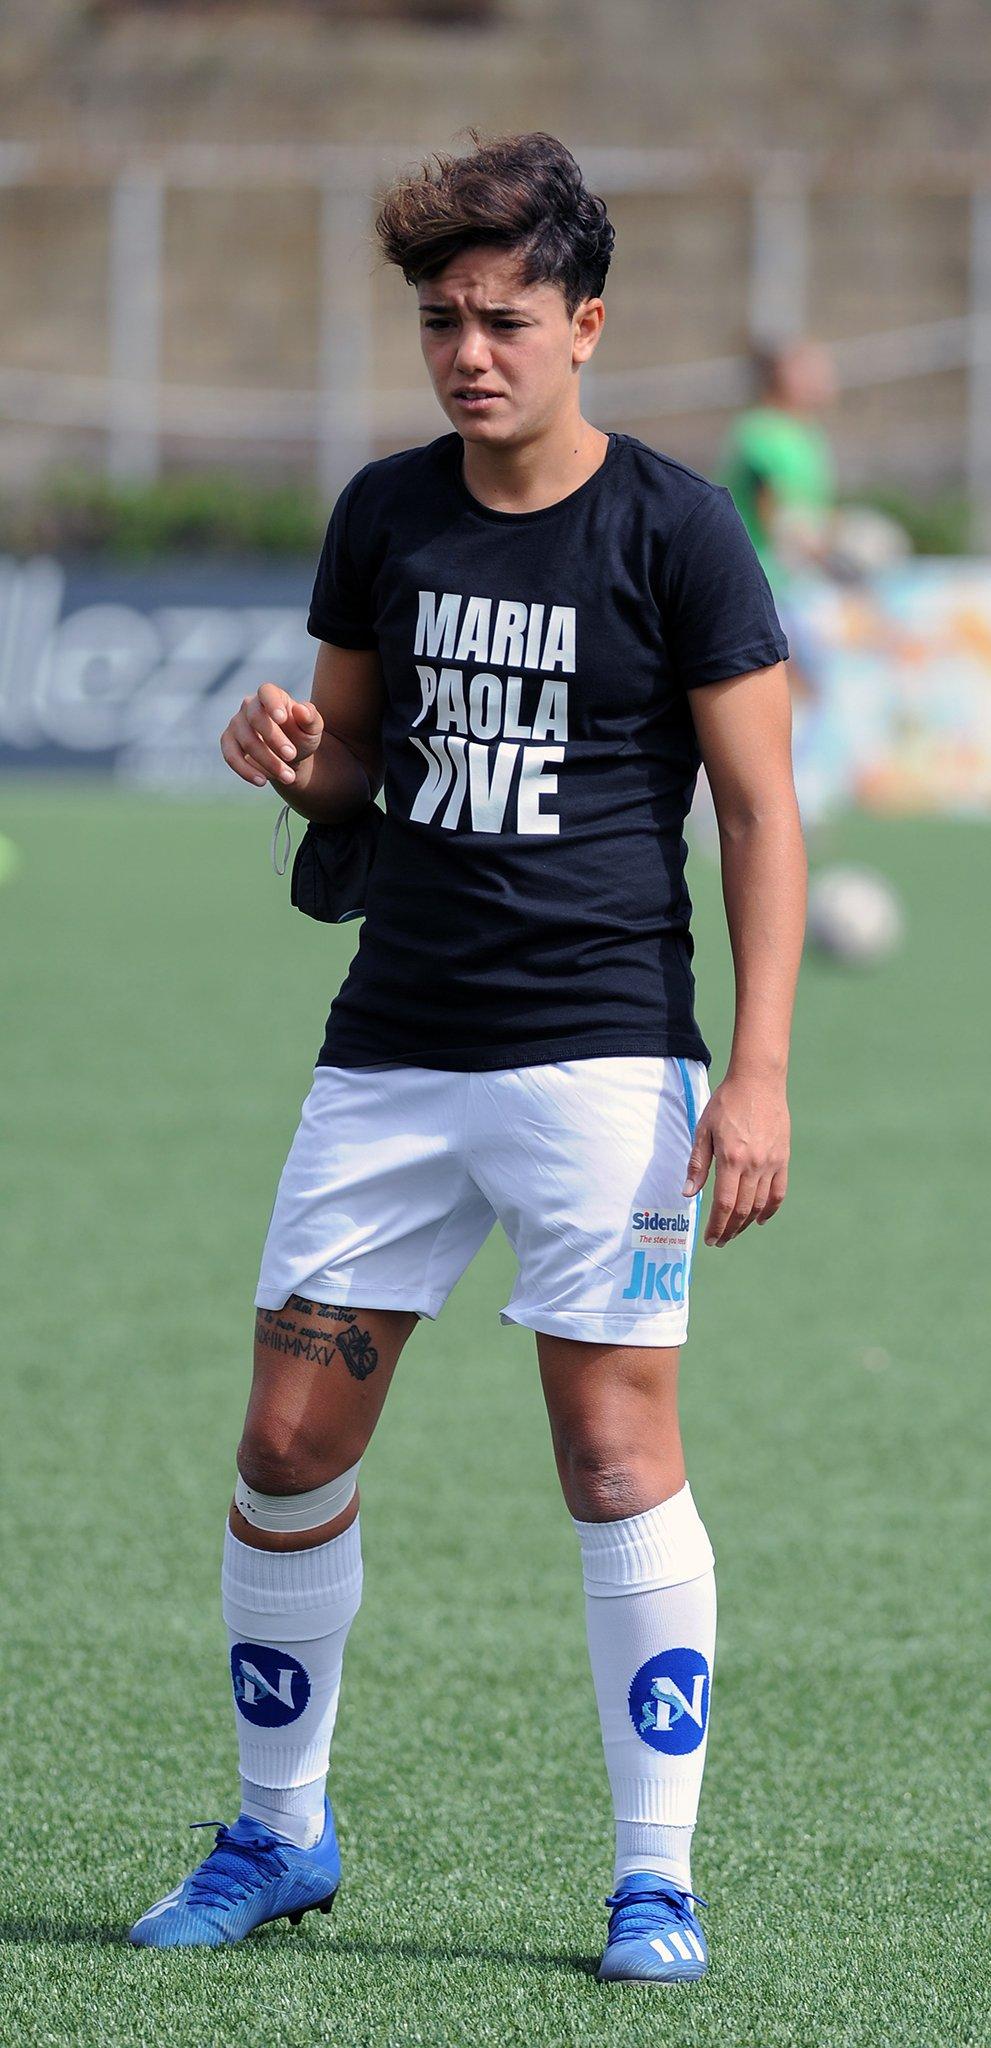 Calcio. Il Napoli Women in campo contro l'omotransfobia